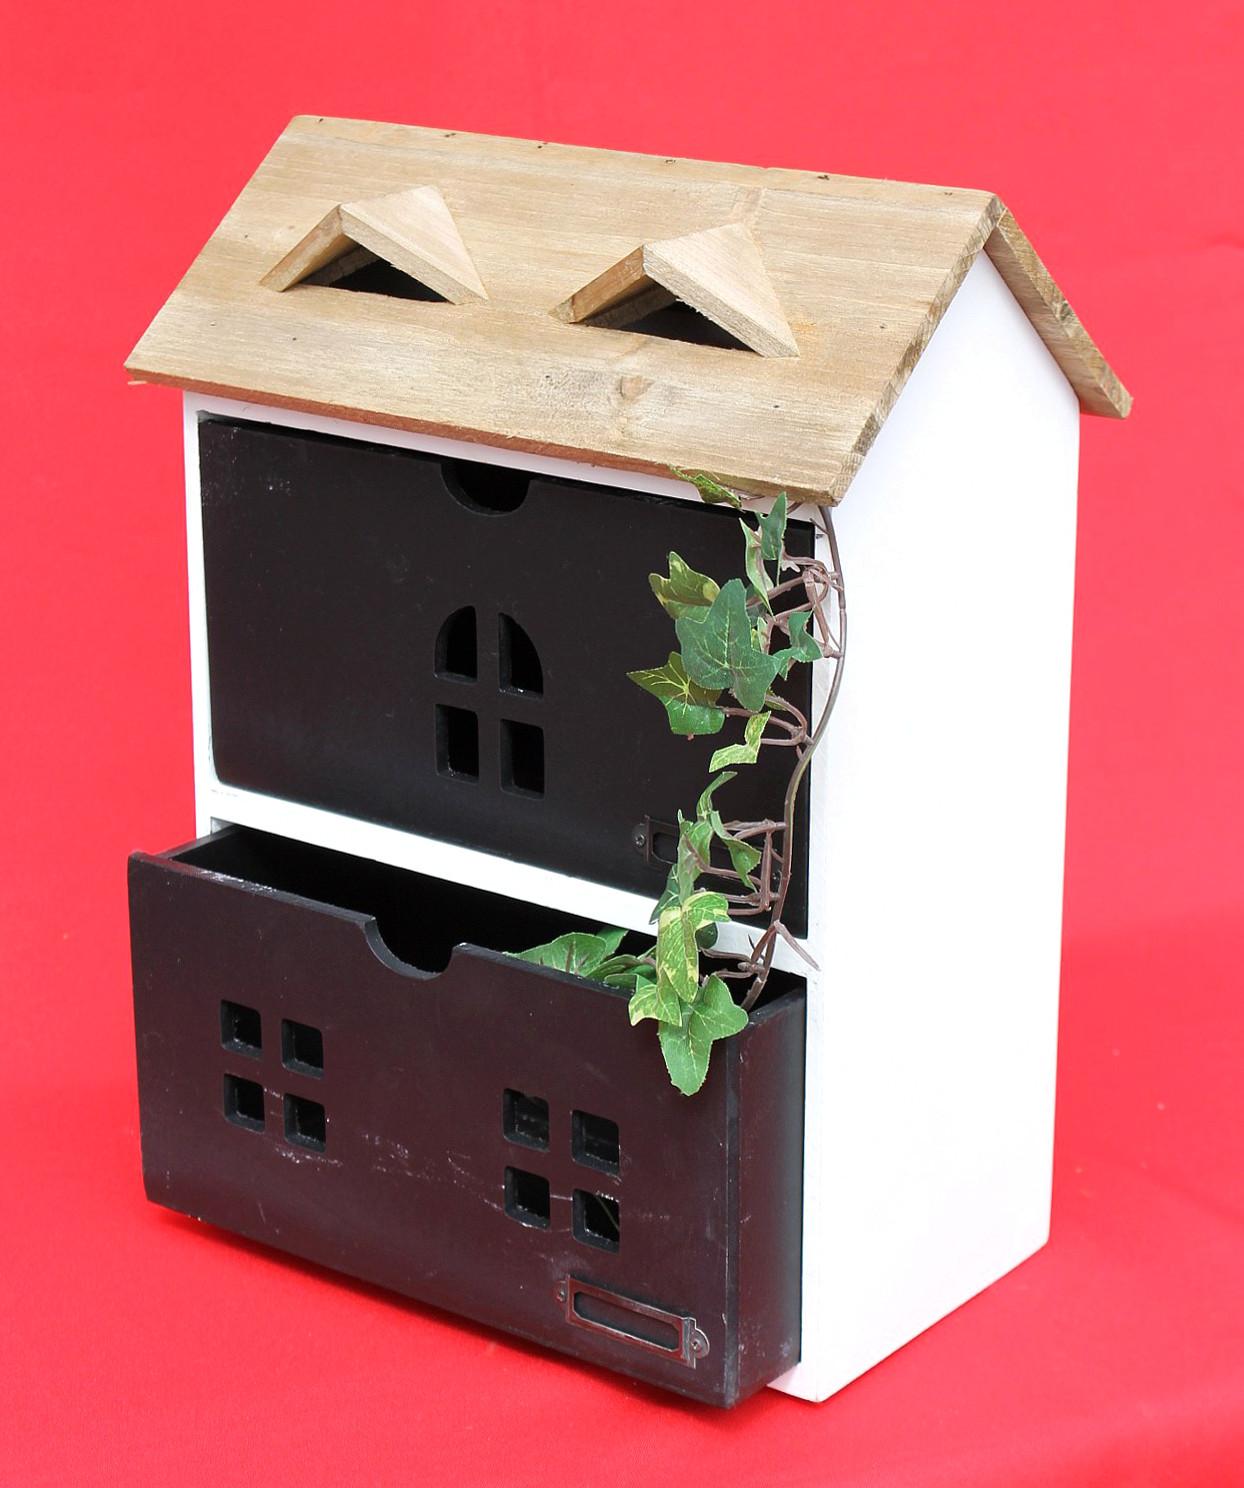 minikommode haus kommode 14b410 schrank mit 2 schubladen. Black Bedroom Furniture Sets. Home Design Ideas